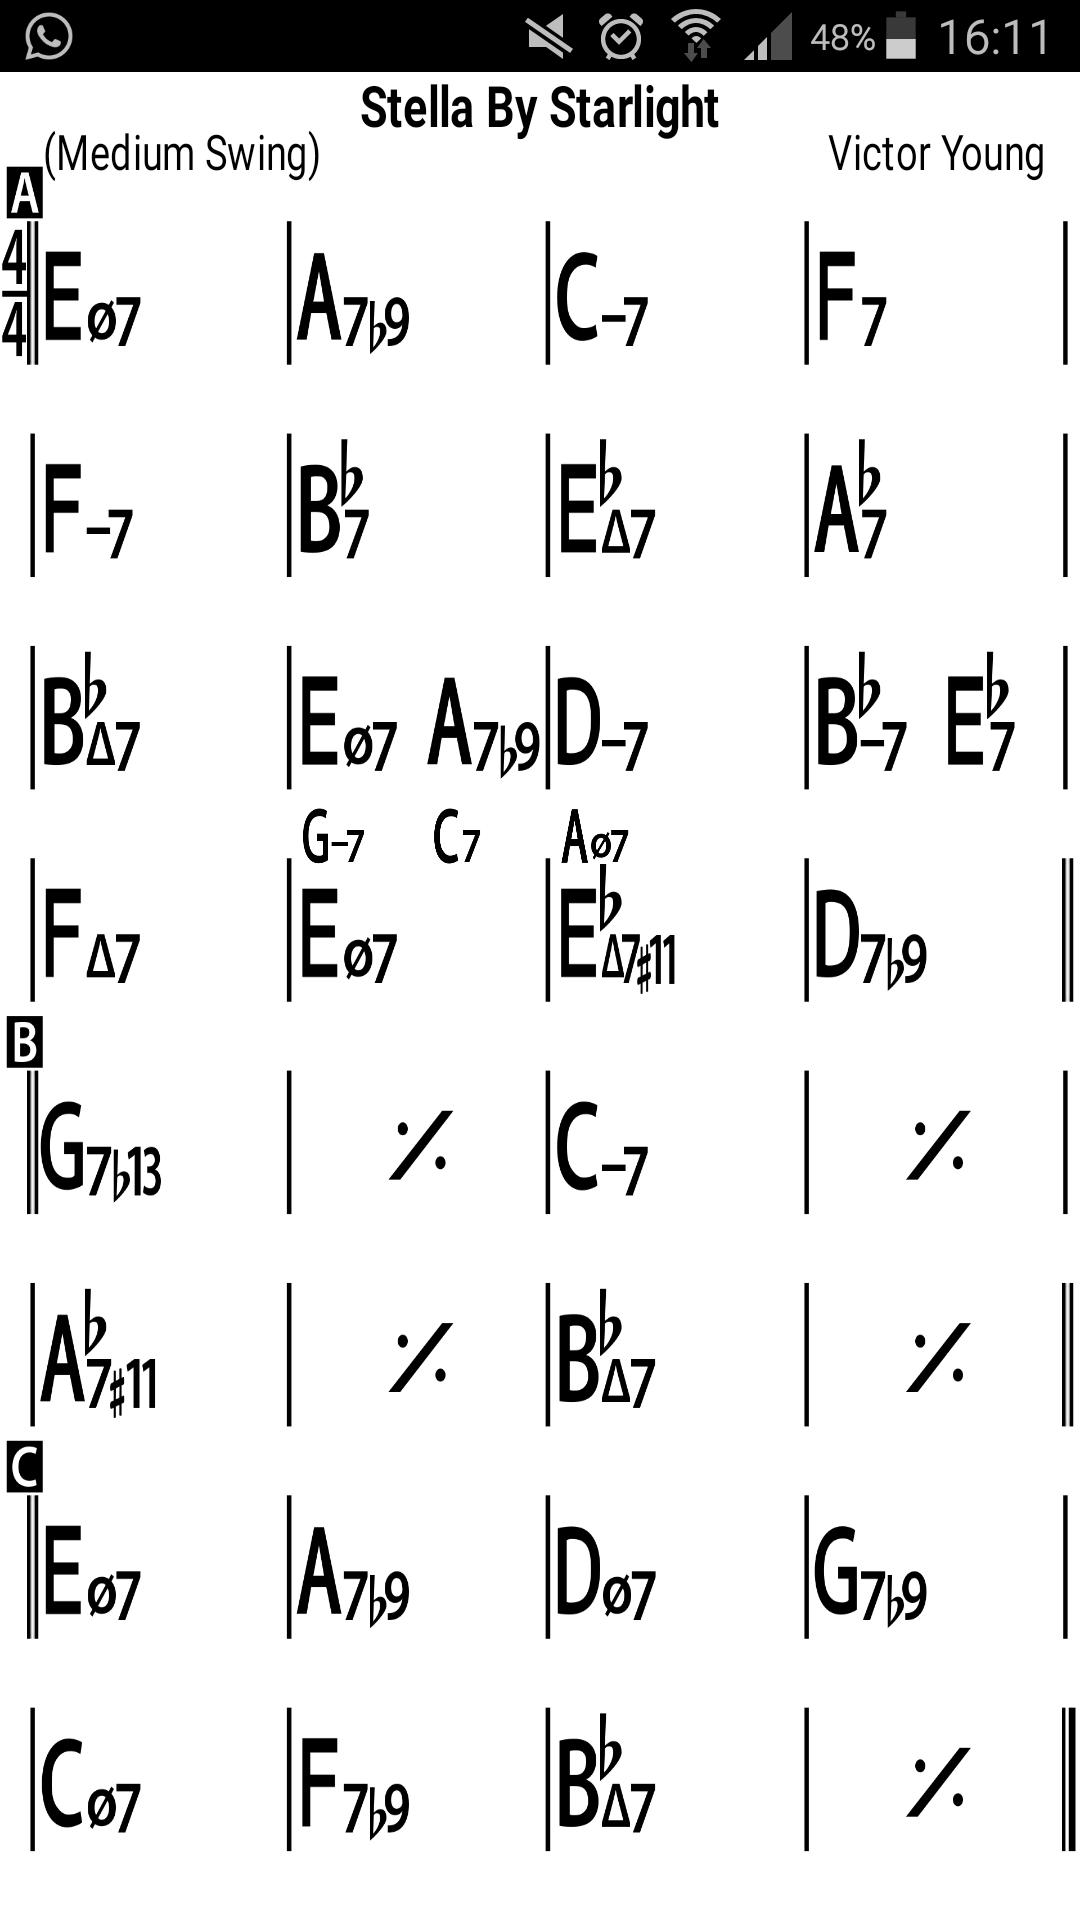 Beautiful chords